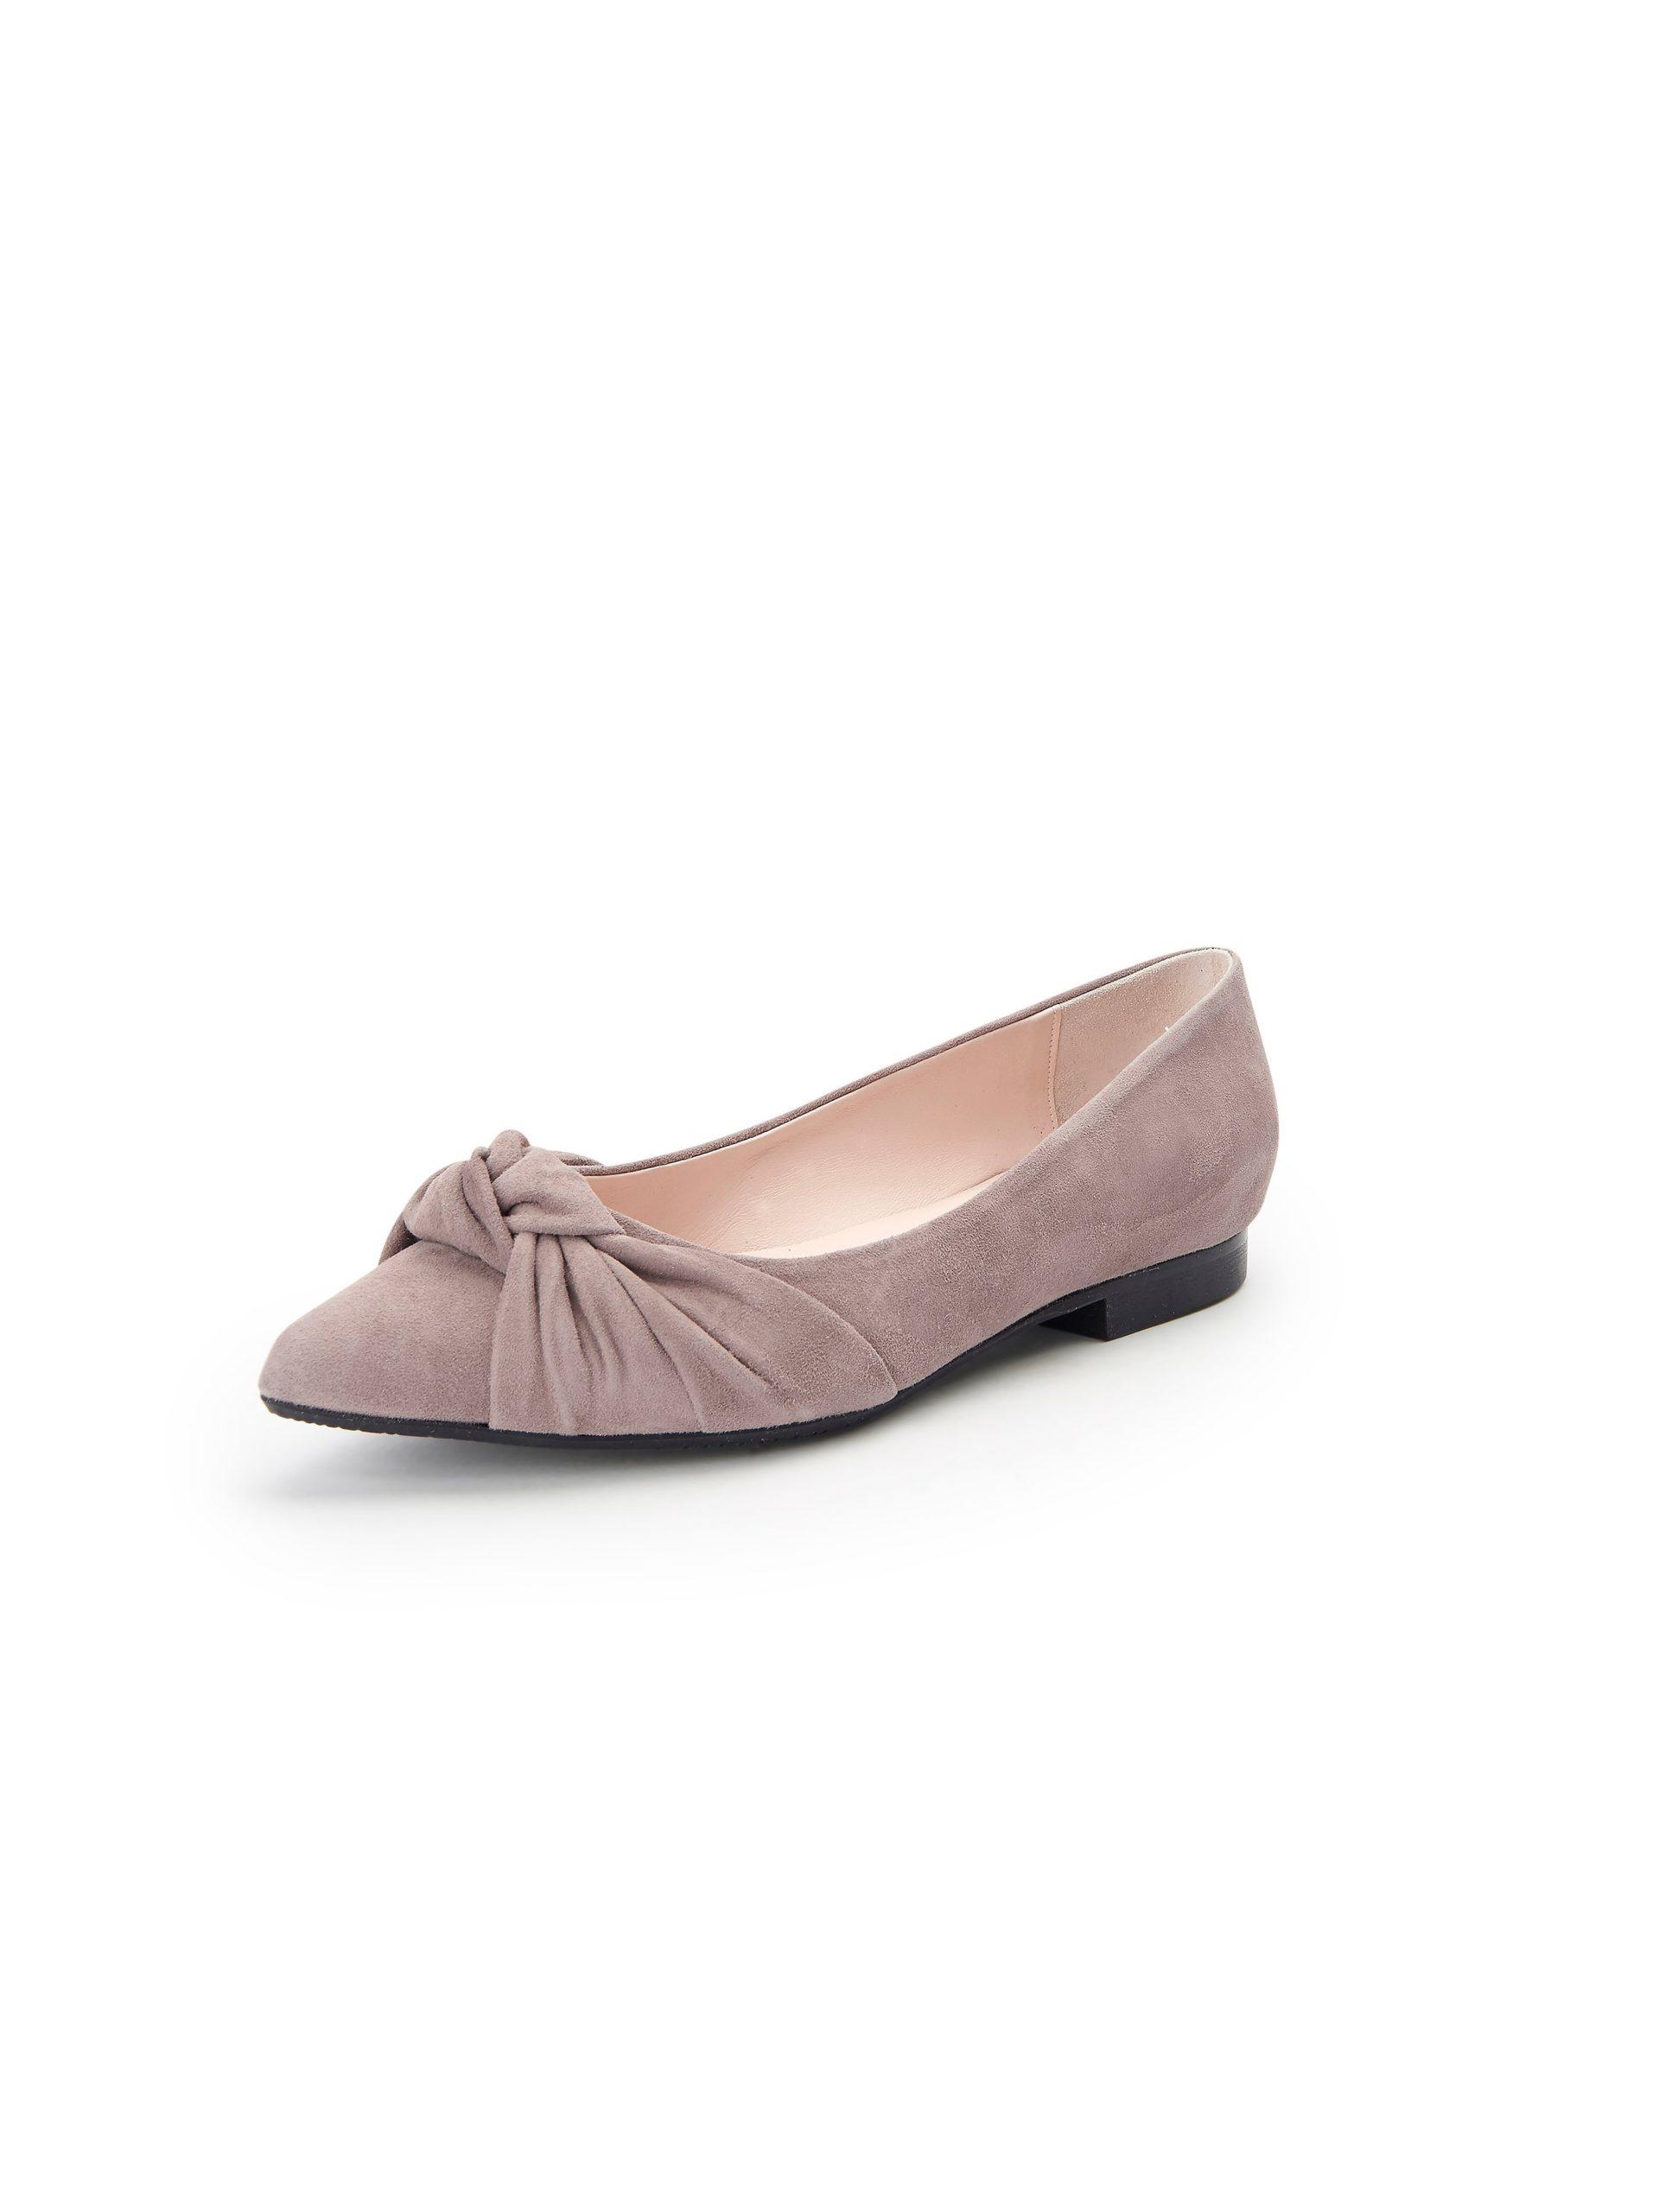 Ballerina's Van Uta Raasch paars Kopen